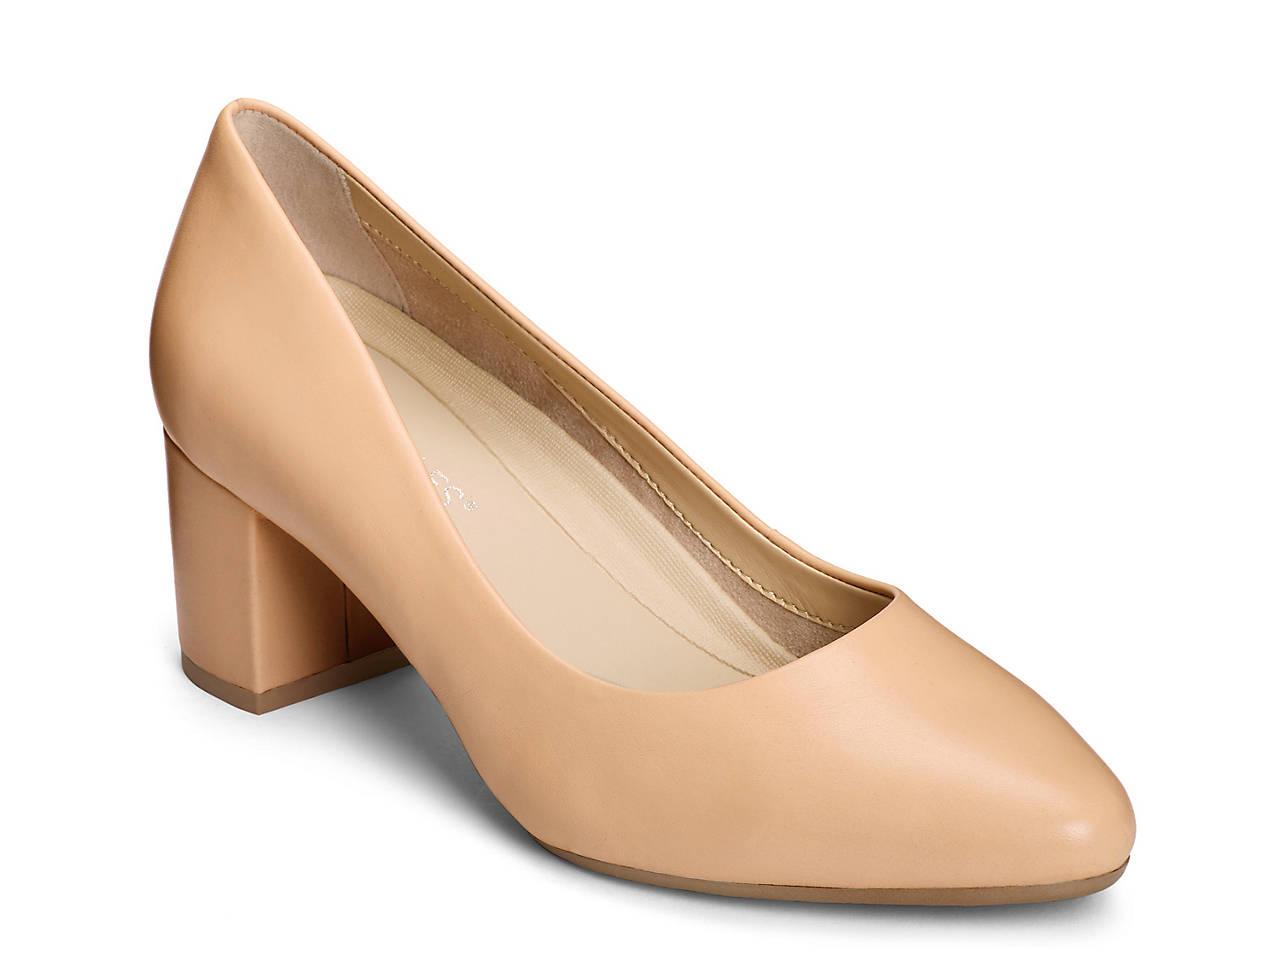 6ca1de1f372 Aerosoles Silver Star Pump Men s Shoes